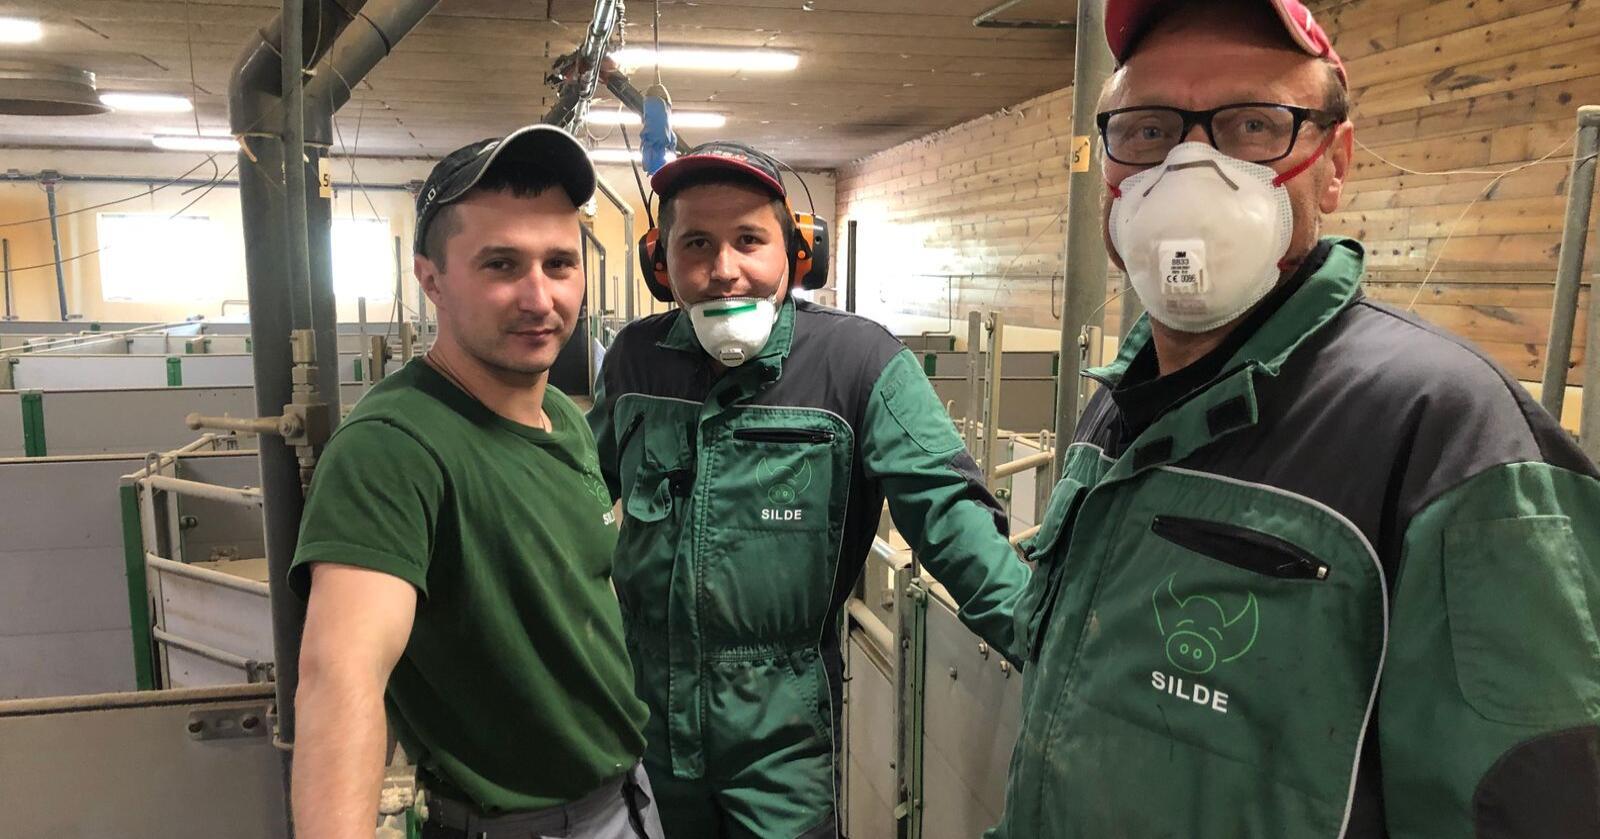 Gode arbeidsfolk: Ruslan (t.v.) og Yuri er faste arbeidsfolk hos Johannes Silde. Sikre og gode arbeidsfolk er avgjerande for resultatet, meiner Etne-bonden. Foto: Karl Erik Berge